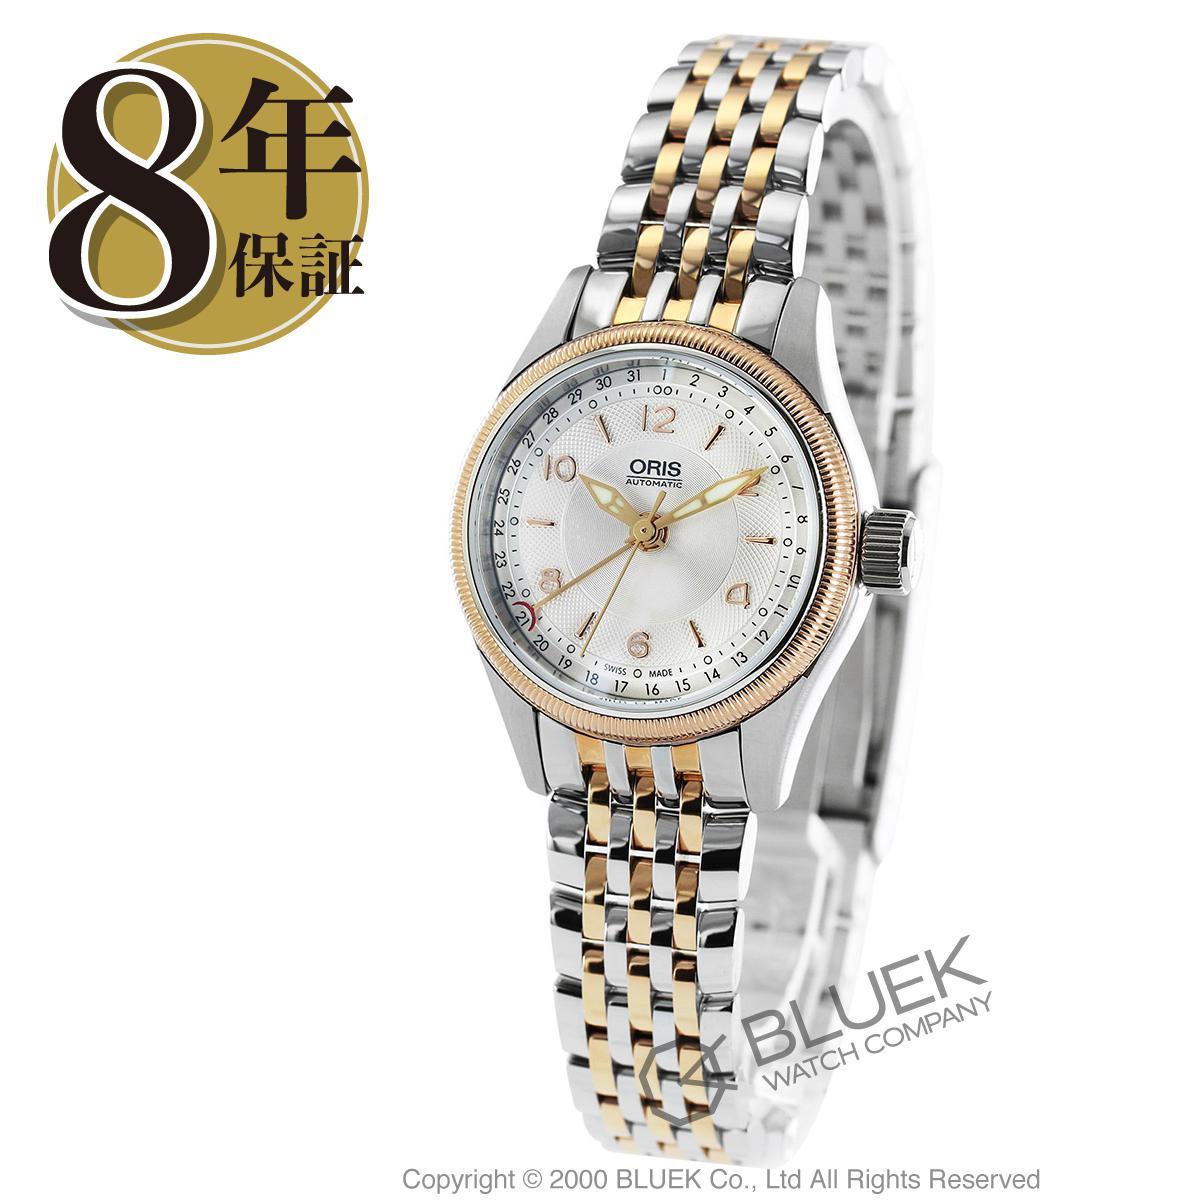 オリス ビッグクラウン 腕時計 レディース ORIS 594 7680 4331M_8